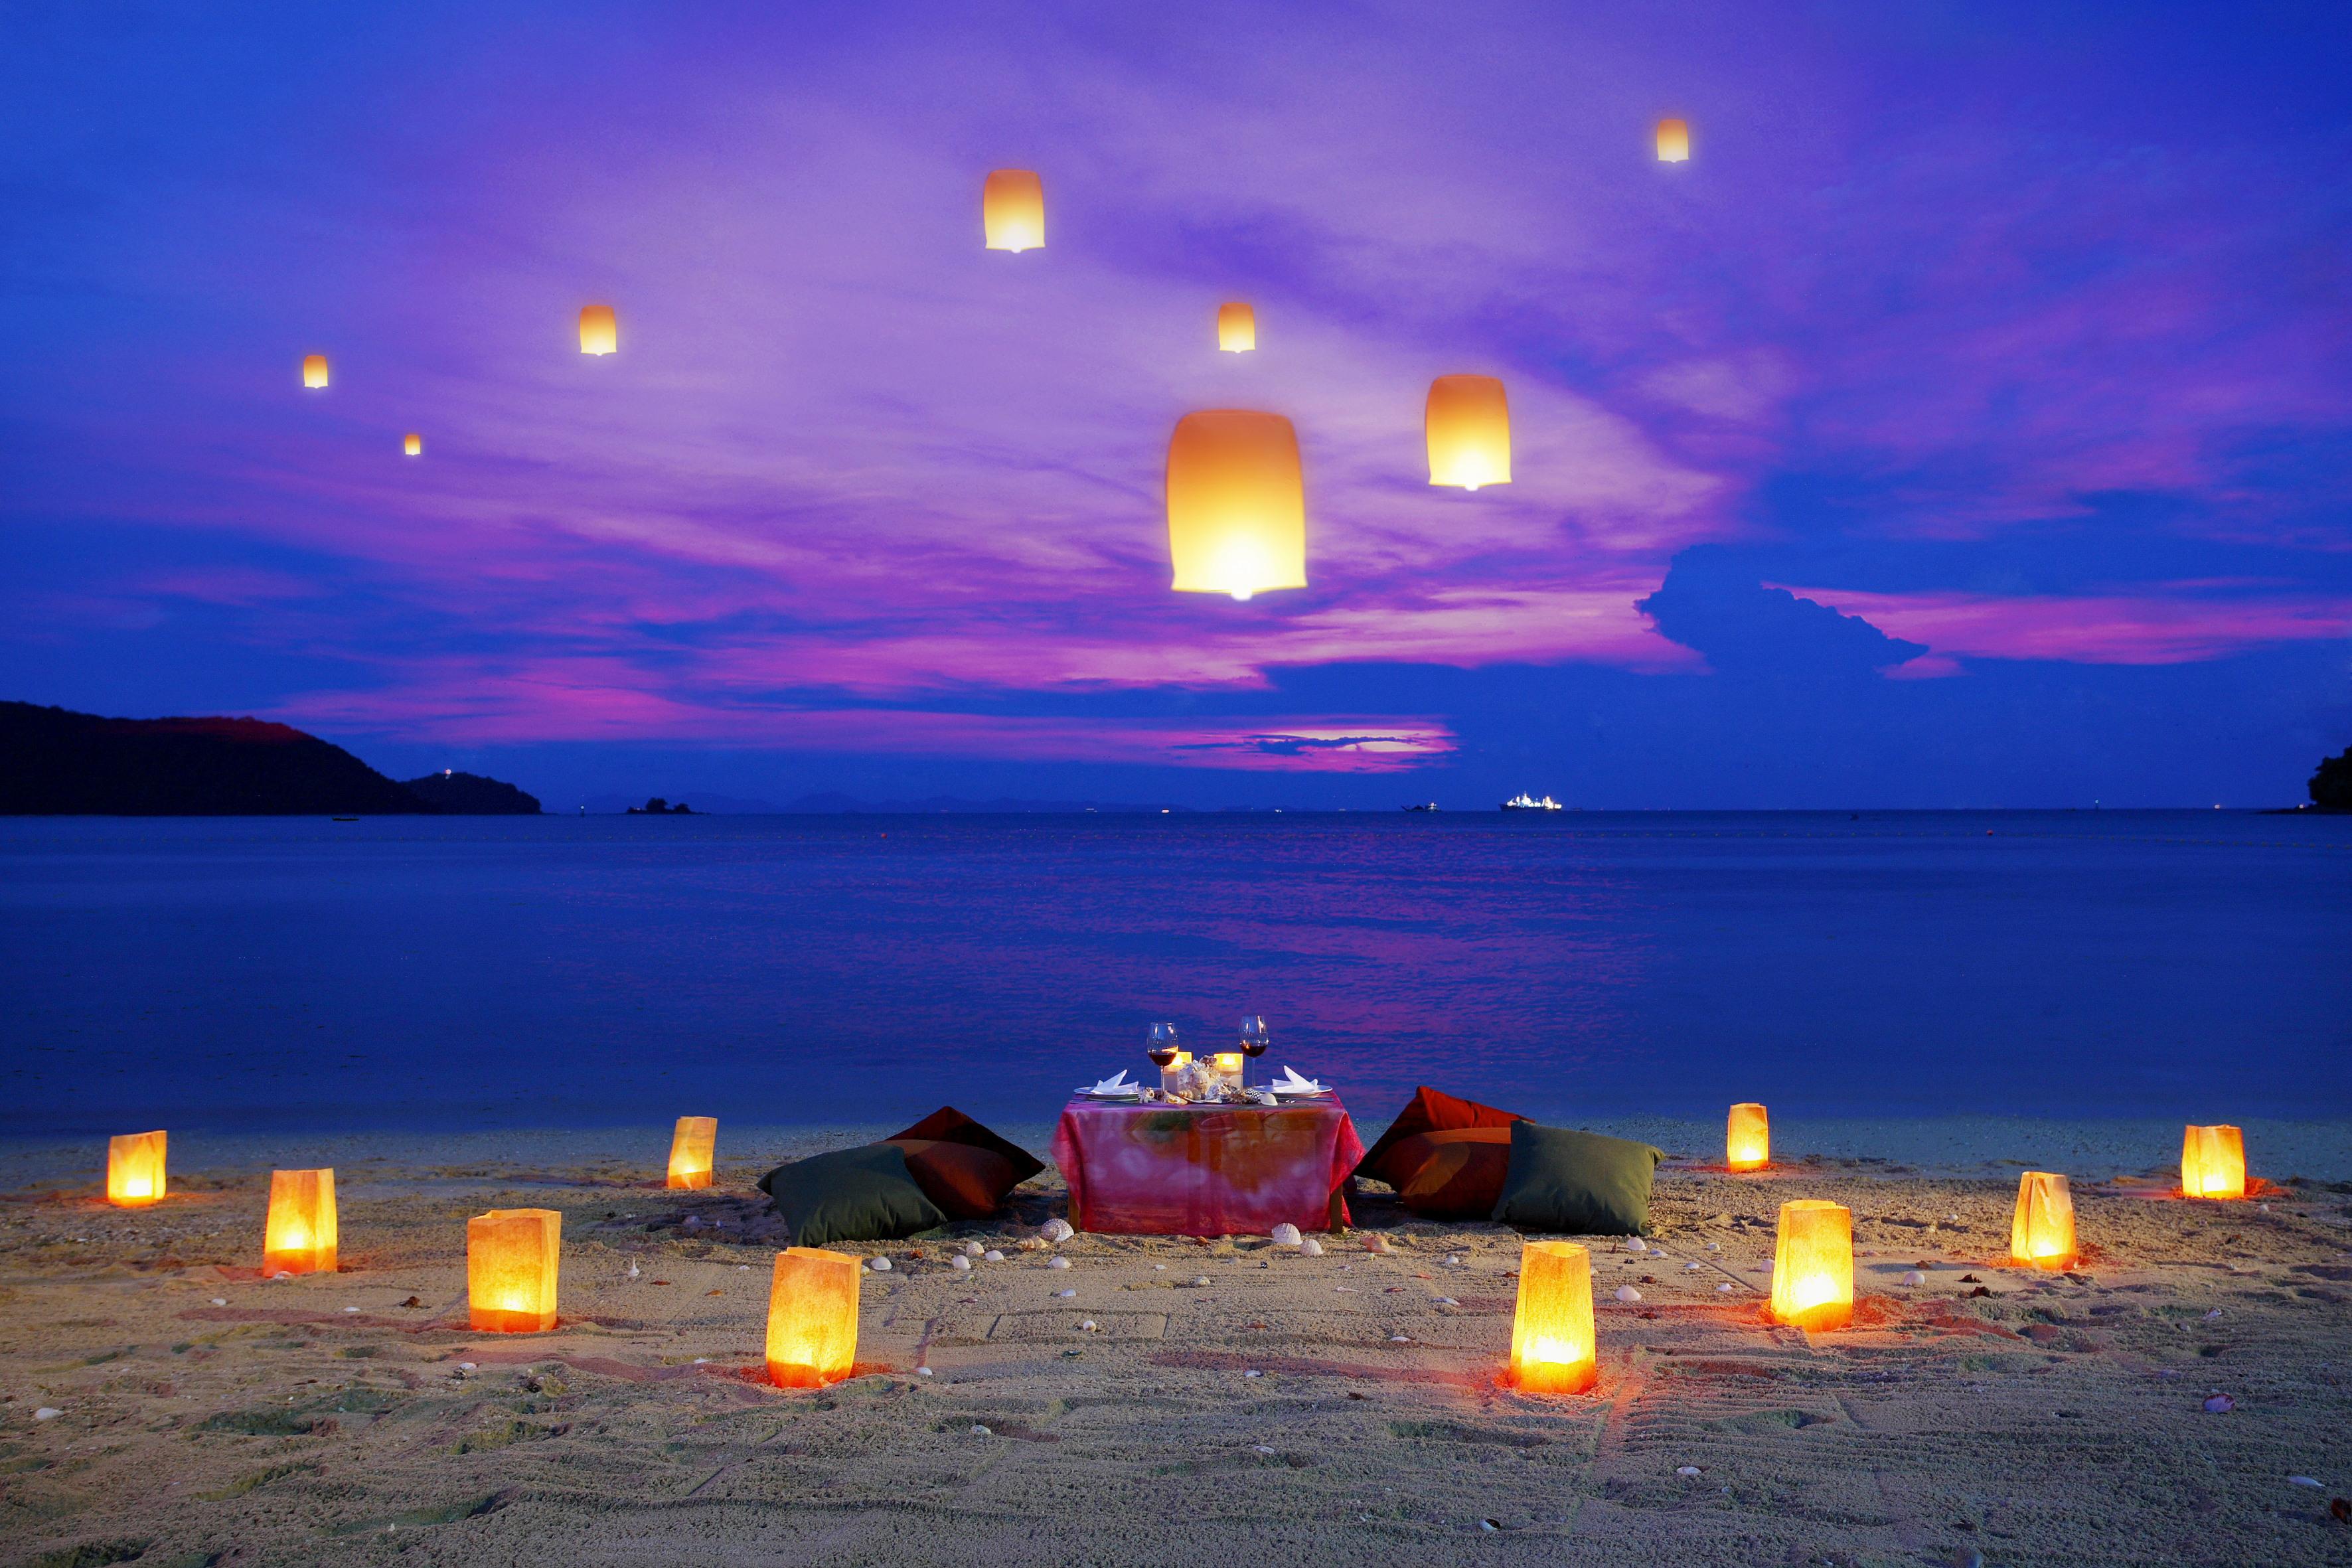 Фото ночью на пляже 19 фотография